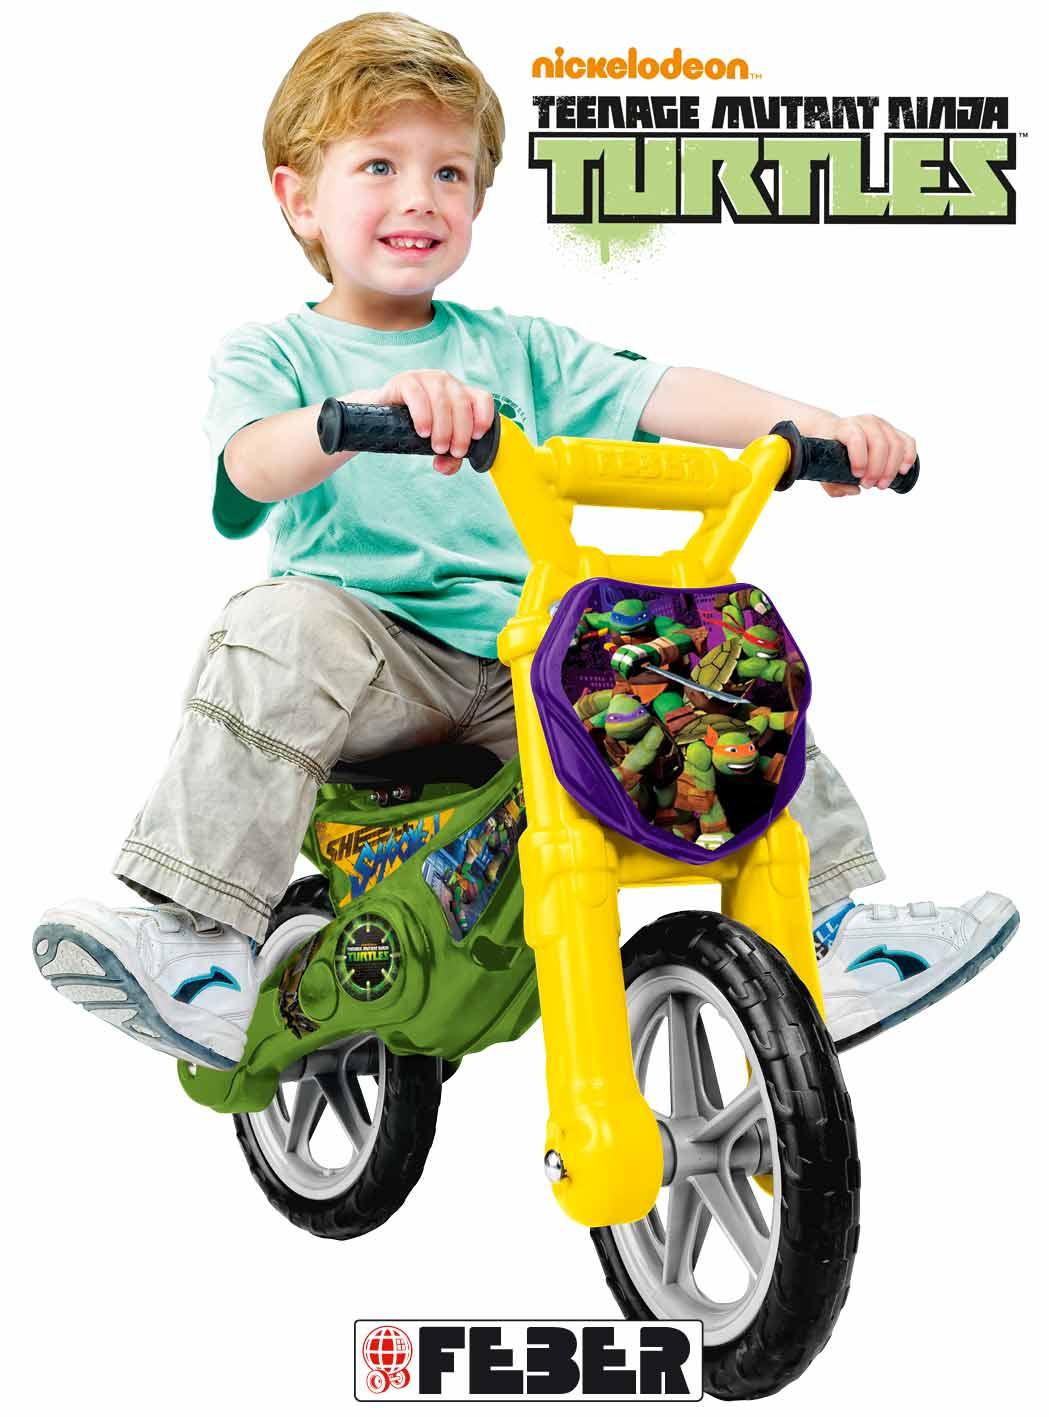 Feber Ninja Turtles Løbecykel Kr. 399 - på lager til omgående levering